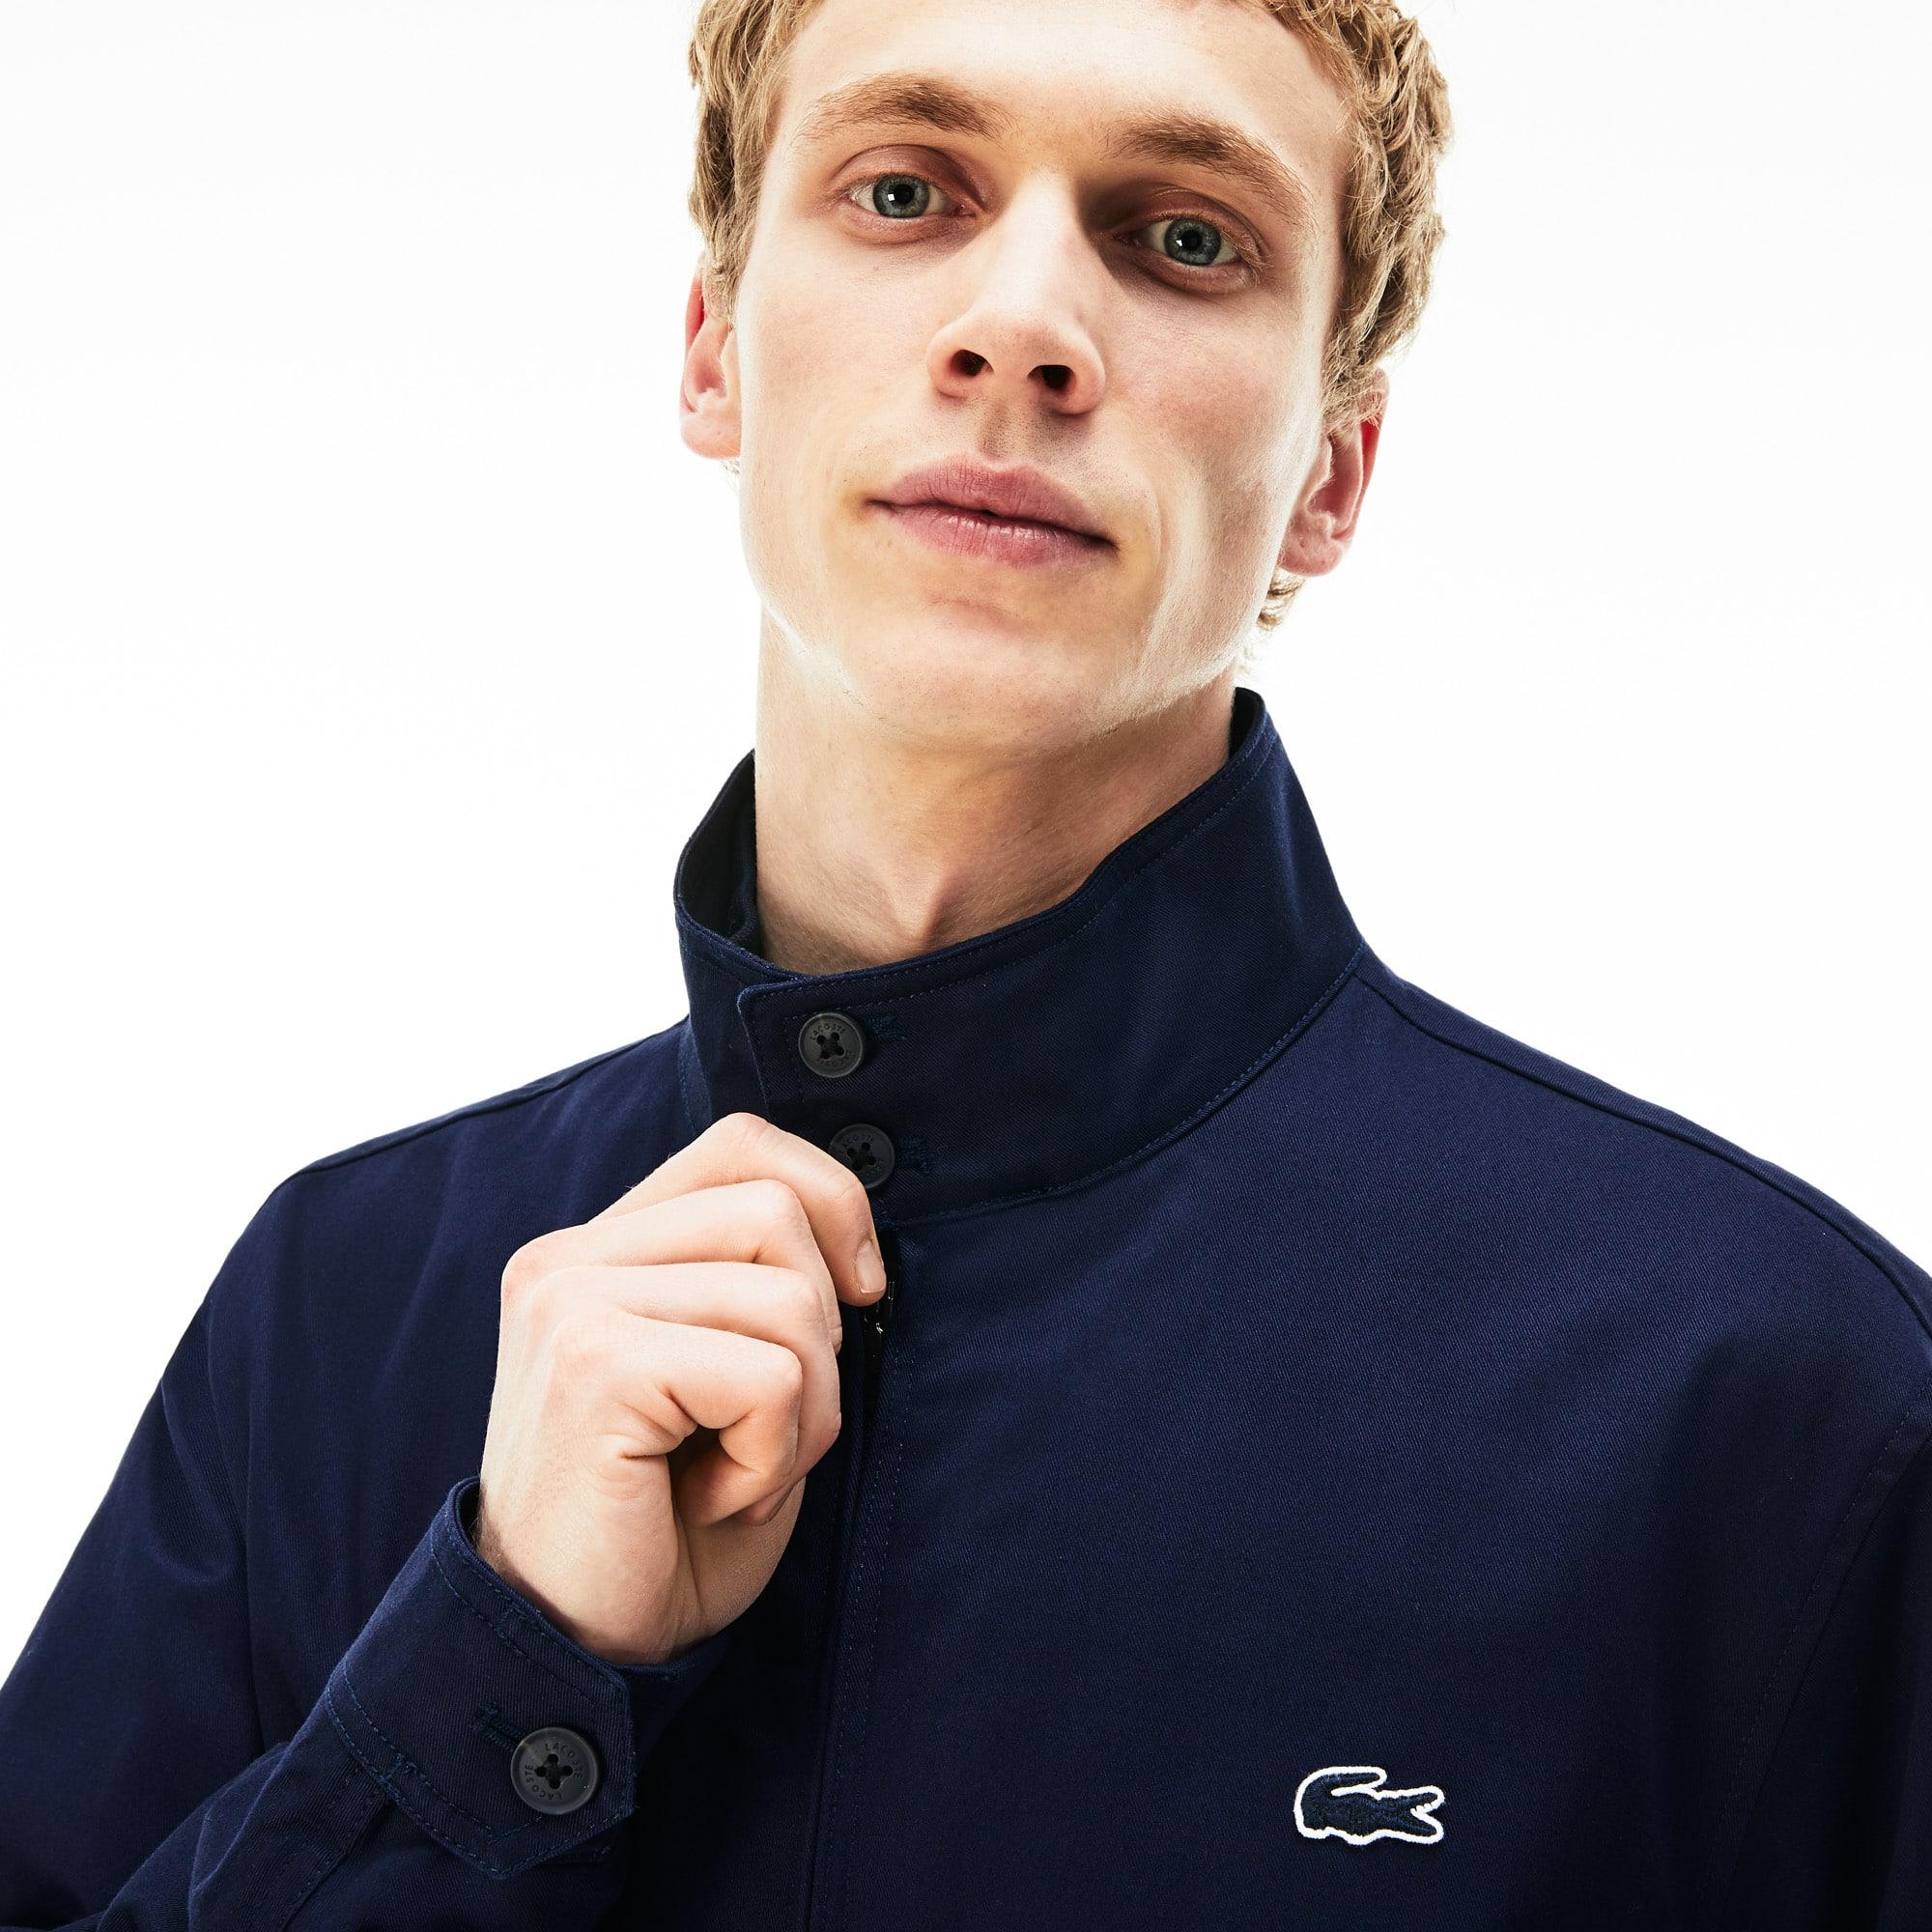 Artikel klicken und genauer betrachten! - Vom Sport inspiriert ist diese leichte Twill-Jacke mit vollständigem Mesh-Futter. Eine urbane Verbündete der Zwischensaison mit elastischem Bund. | im Online Shop kaufen